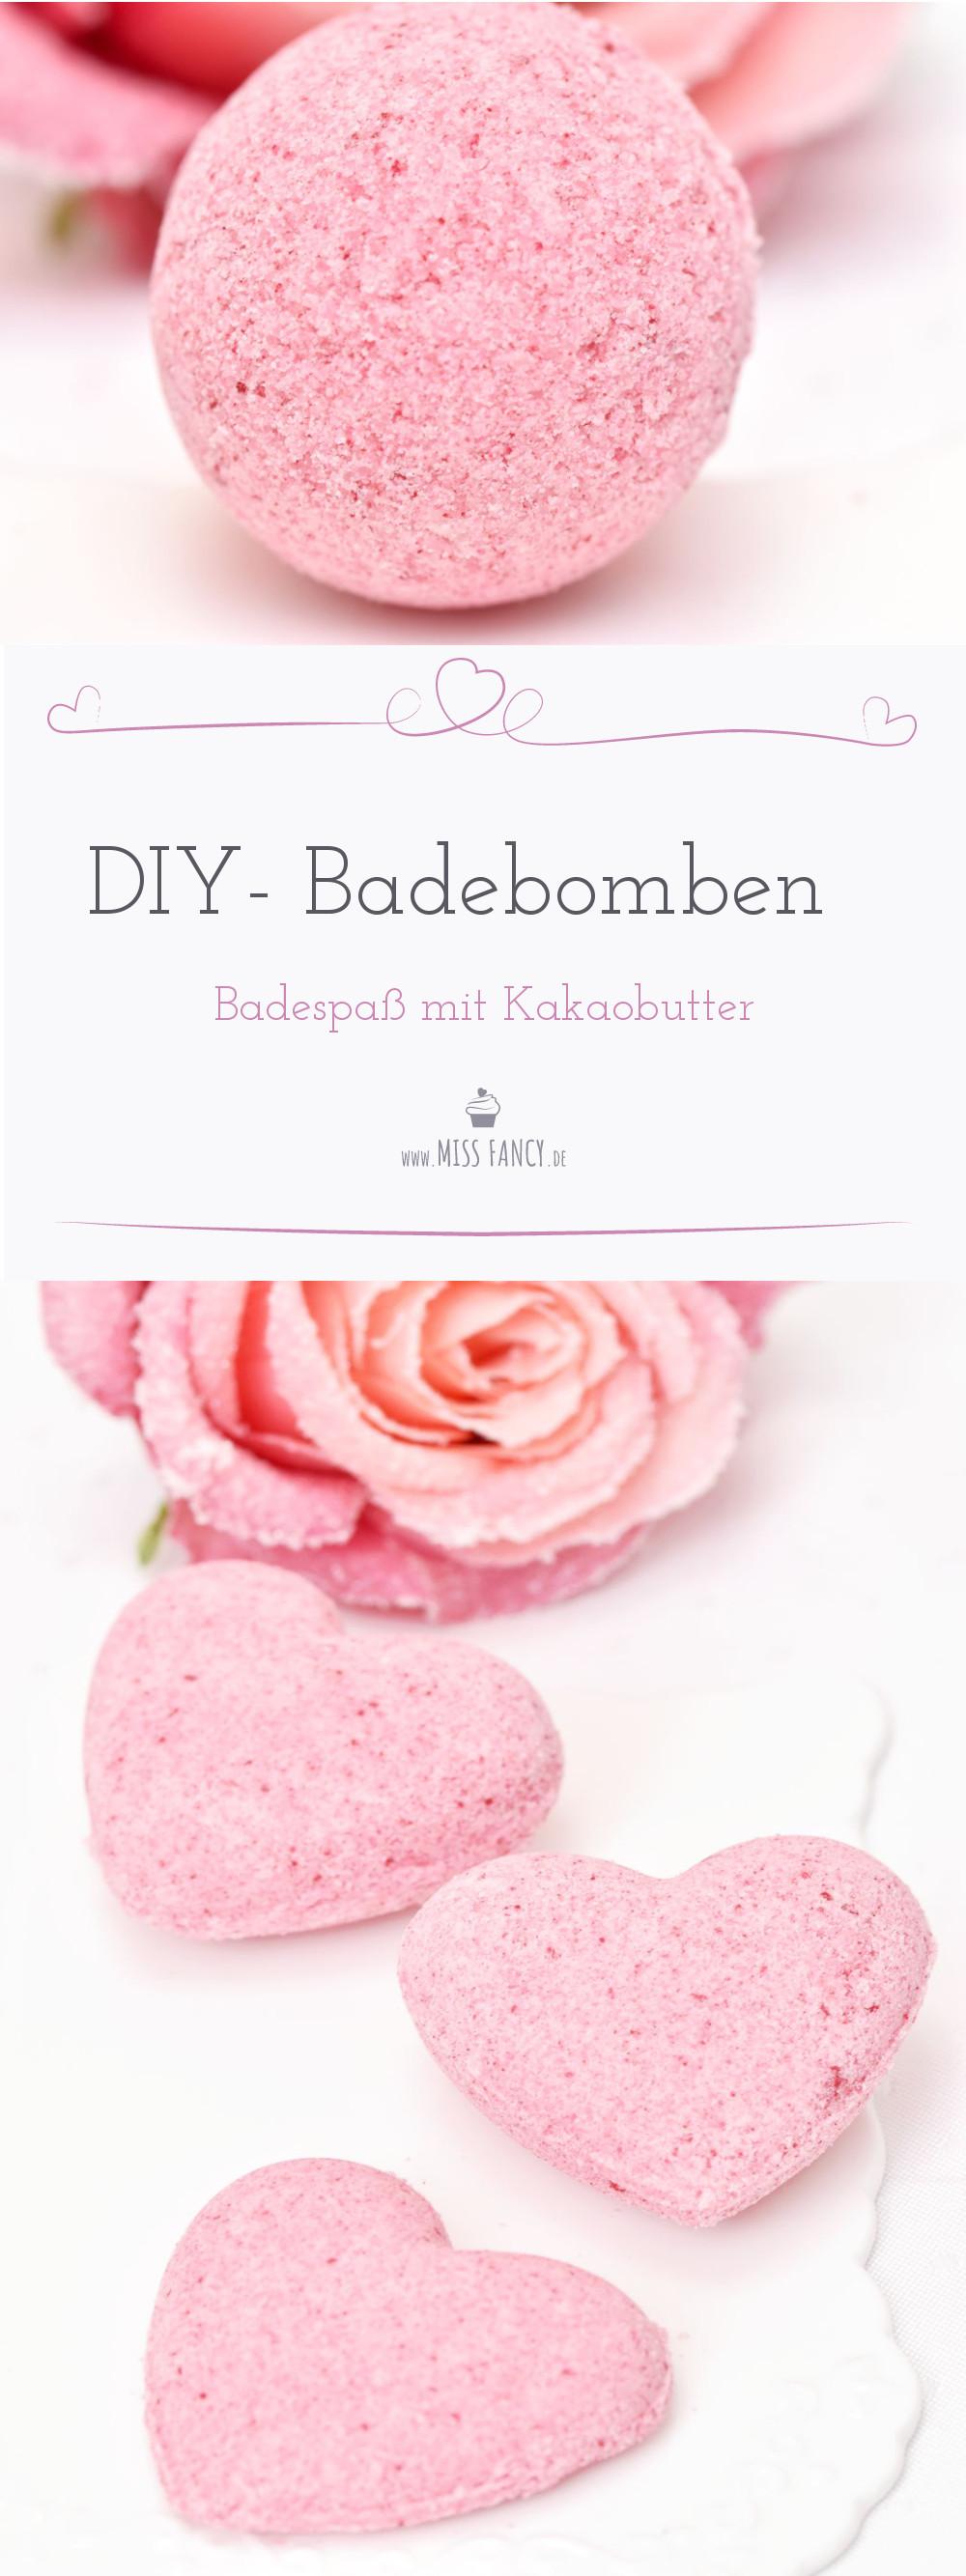 diy-badebomben-missfancy